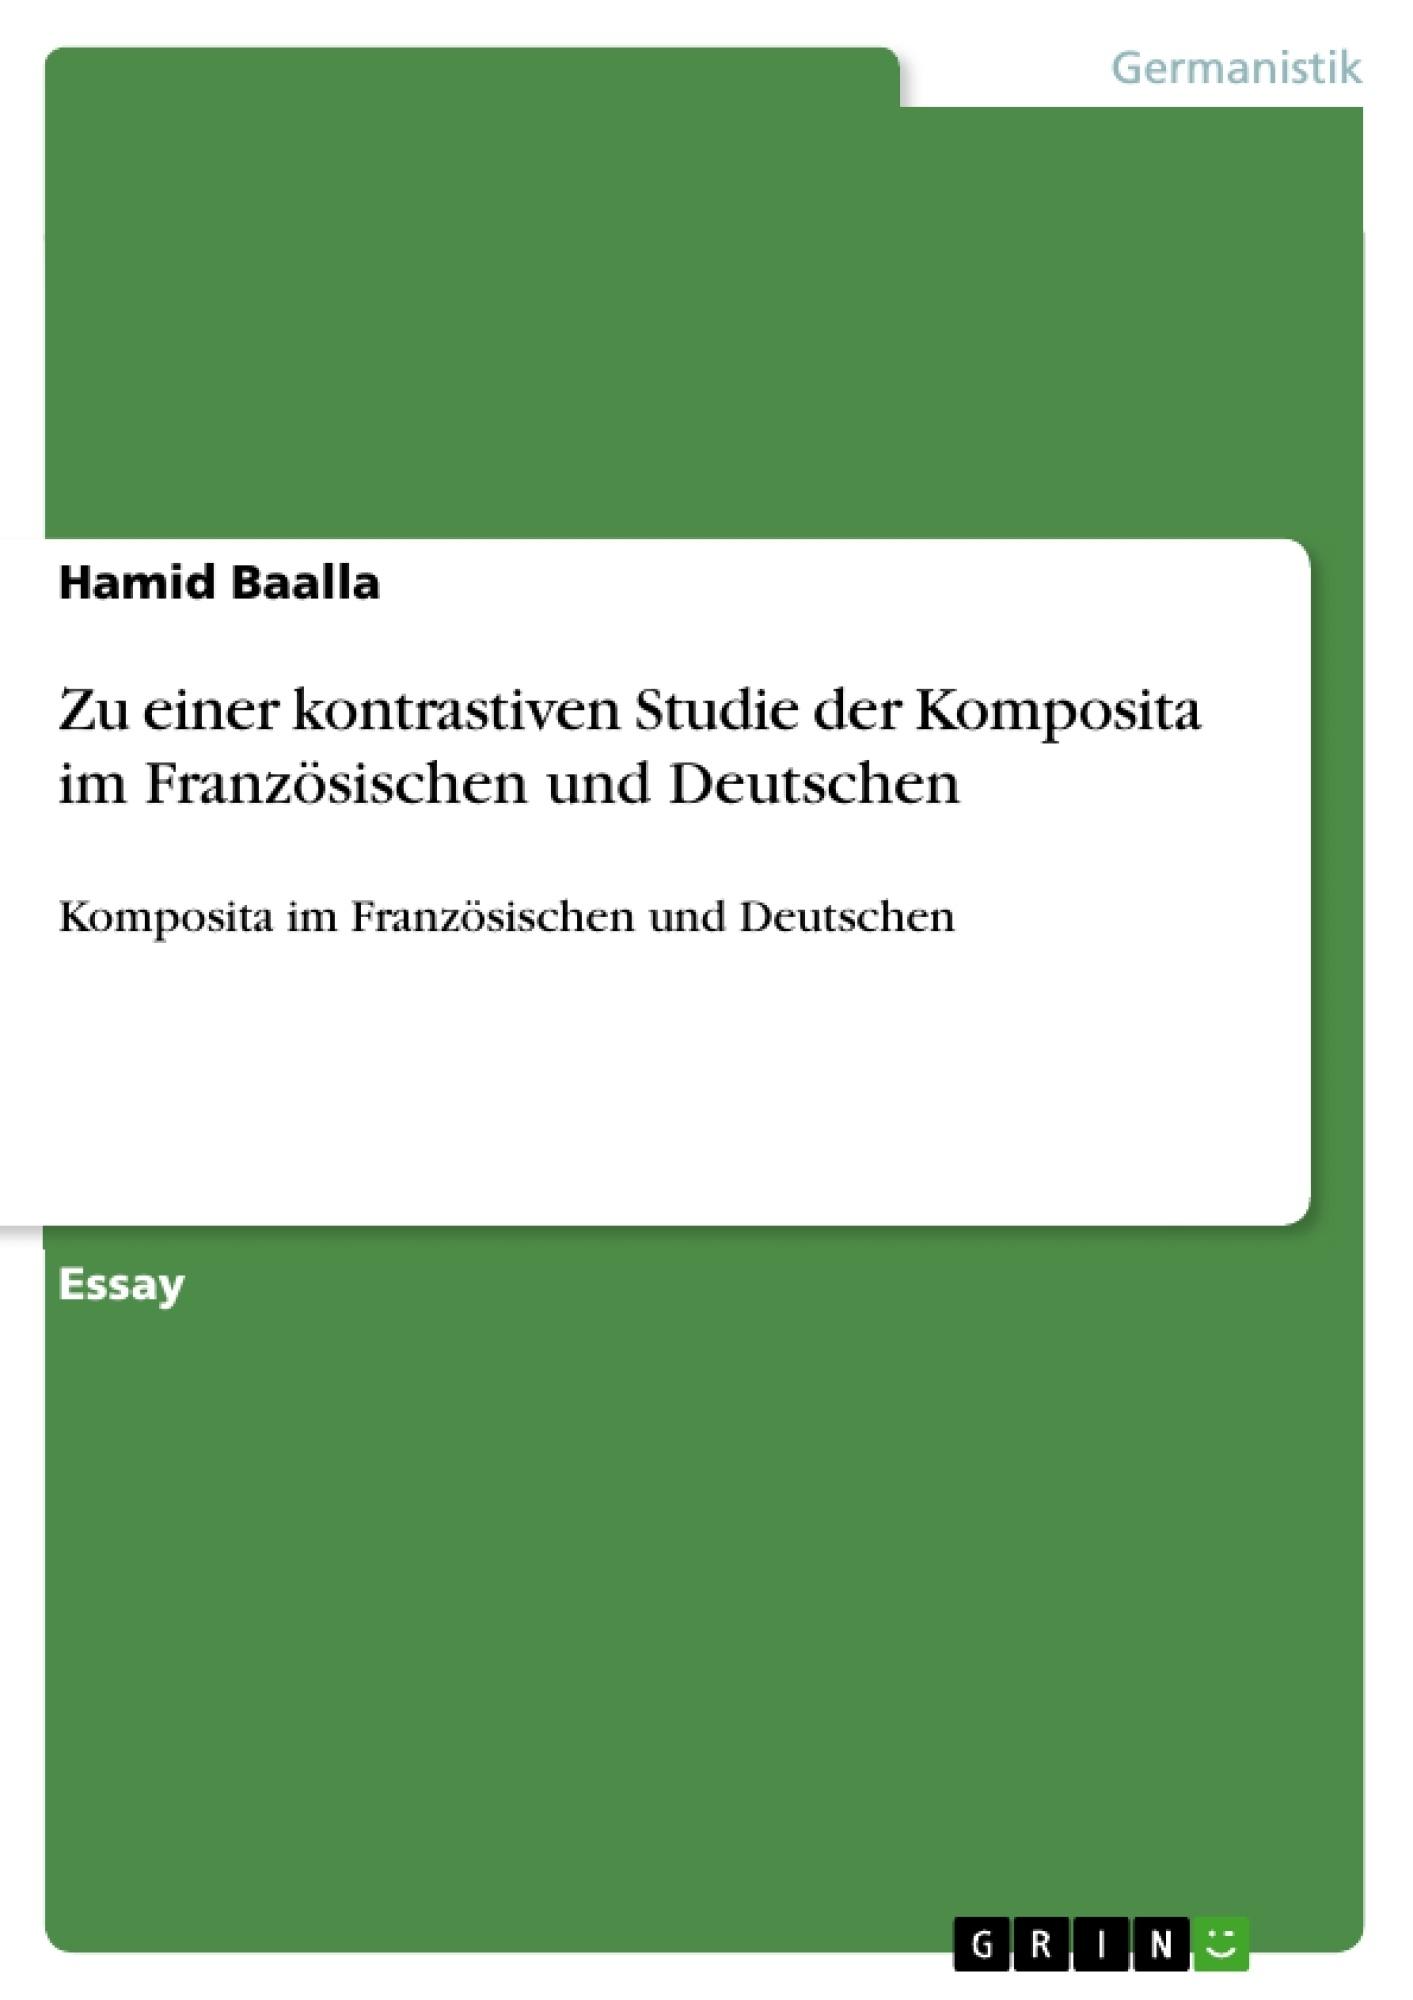 Titel: Zu einer kontrastiven Studie der Komposita im Französischen und Deutschen